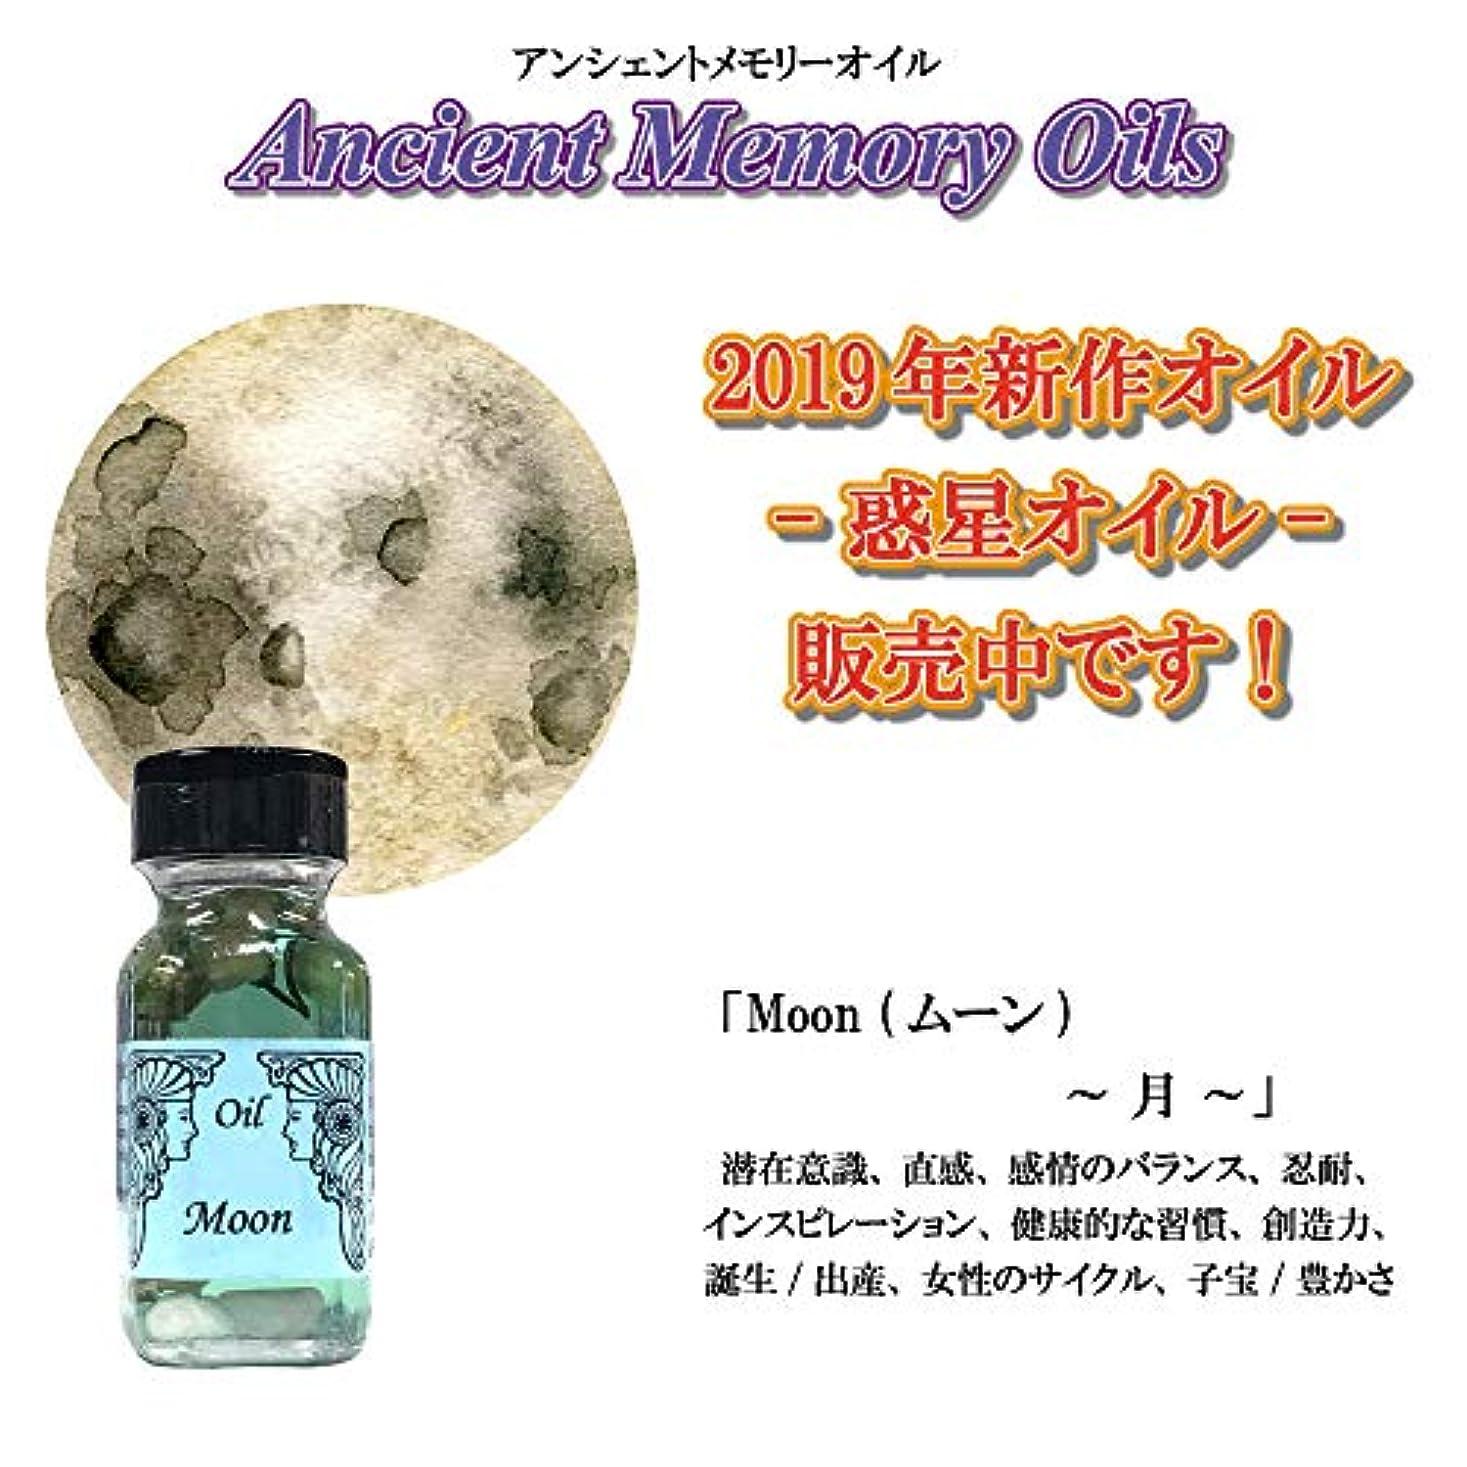 中央なくなる利用可能SEDONA Ancient Memory Oils セドナ アンシェントメモリーオイル 惑星オイル Moon 月 ムーン 15ml